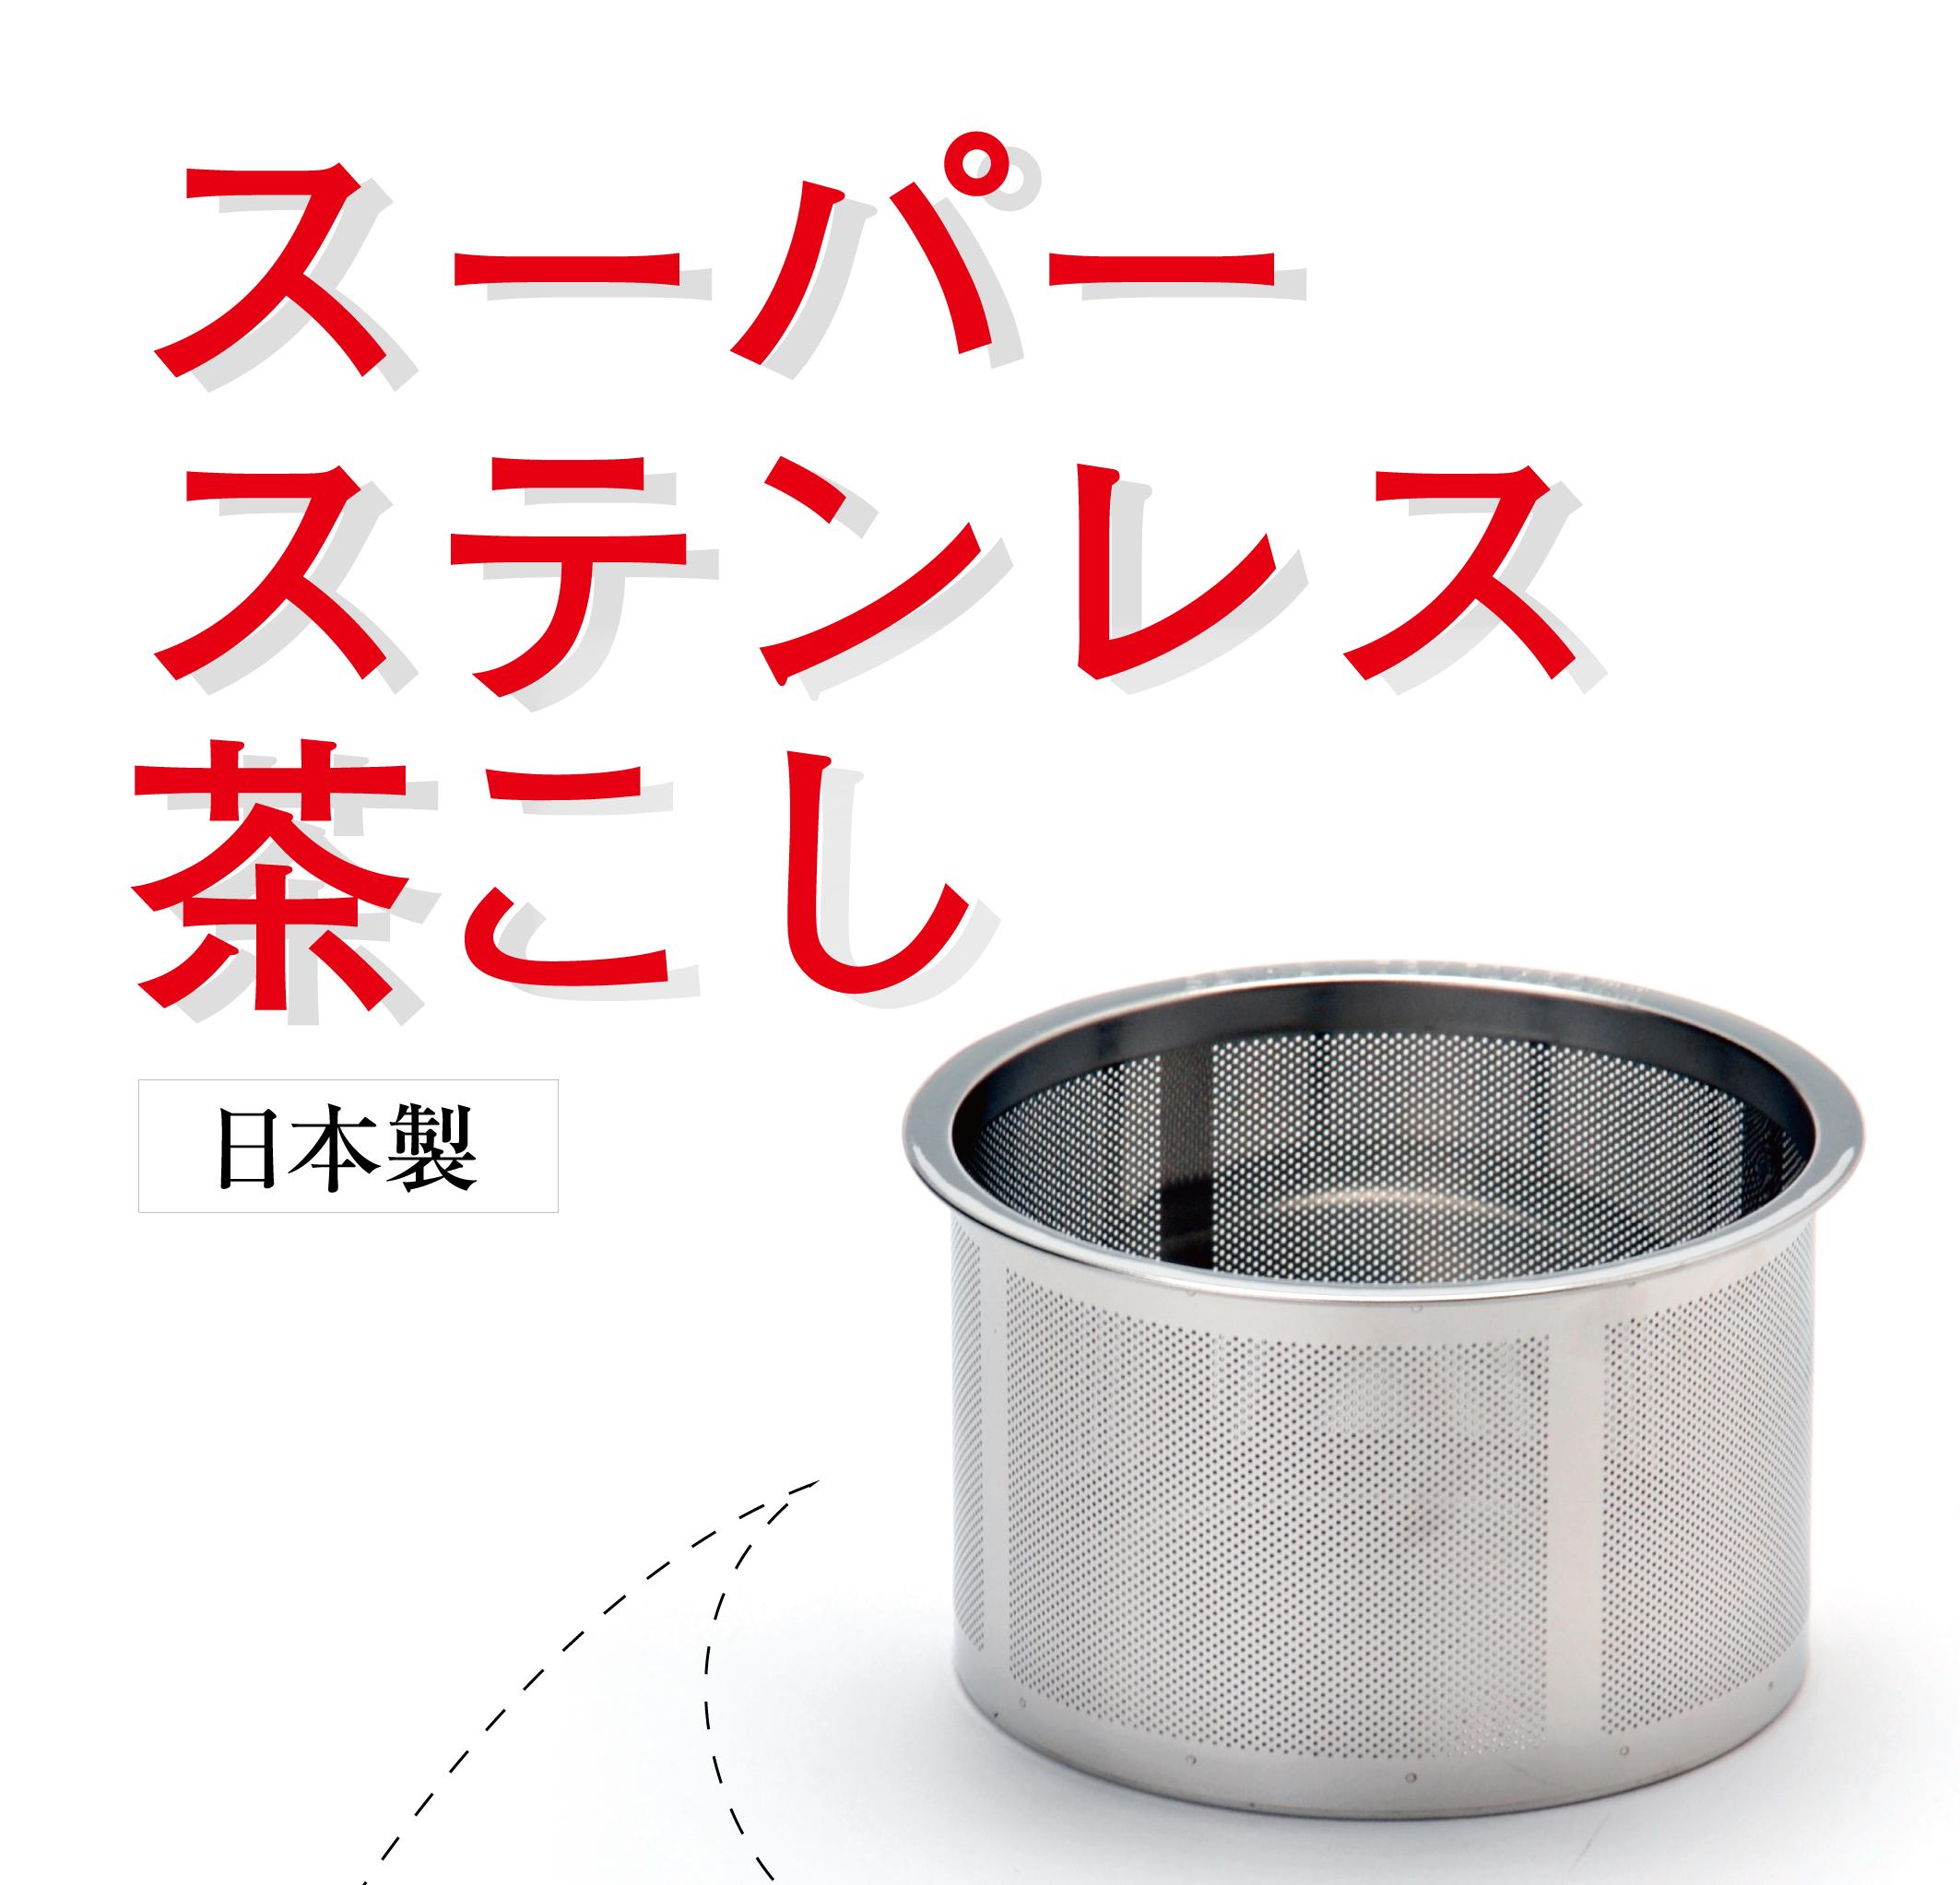 スーパーステンレス茶こし急須 おすすめPOINT!!!